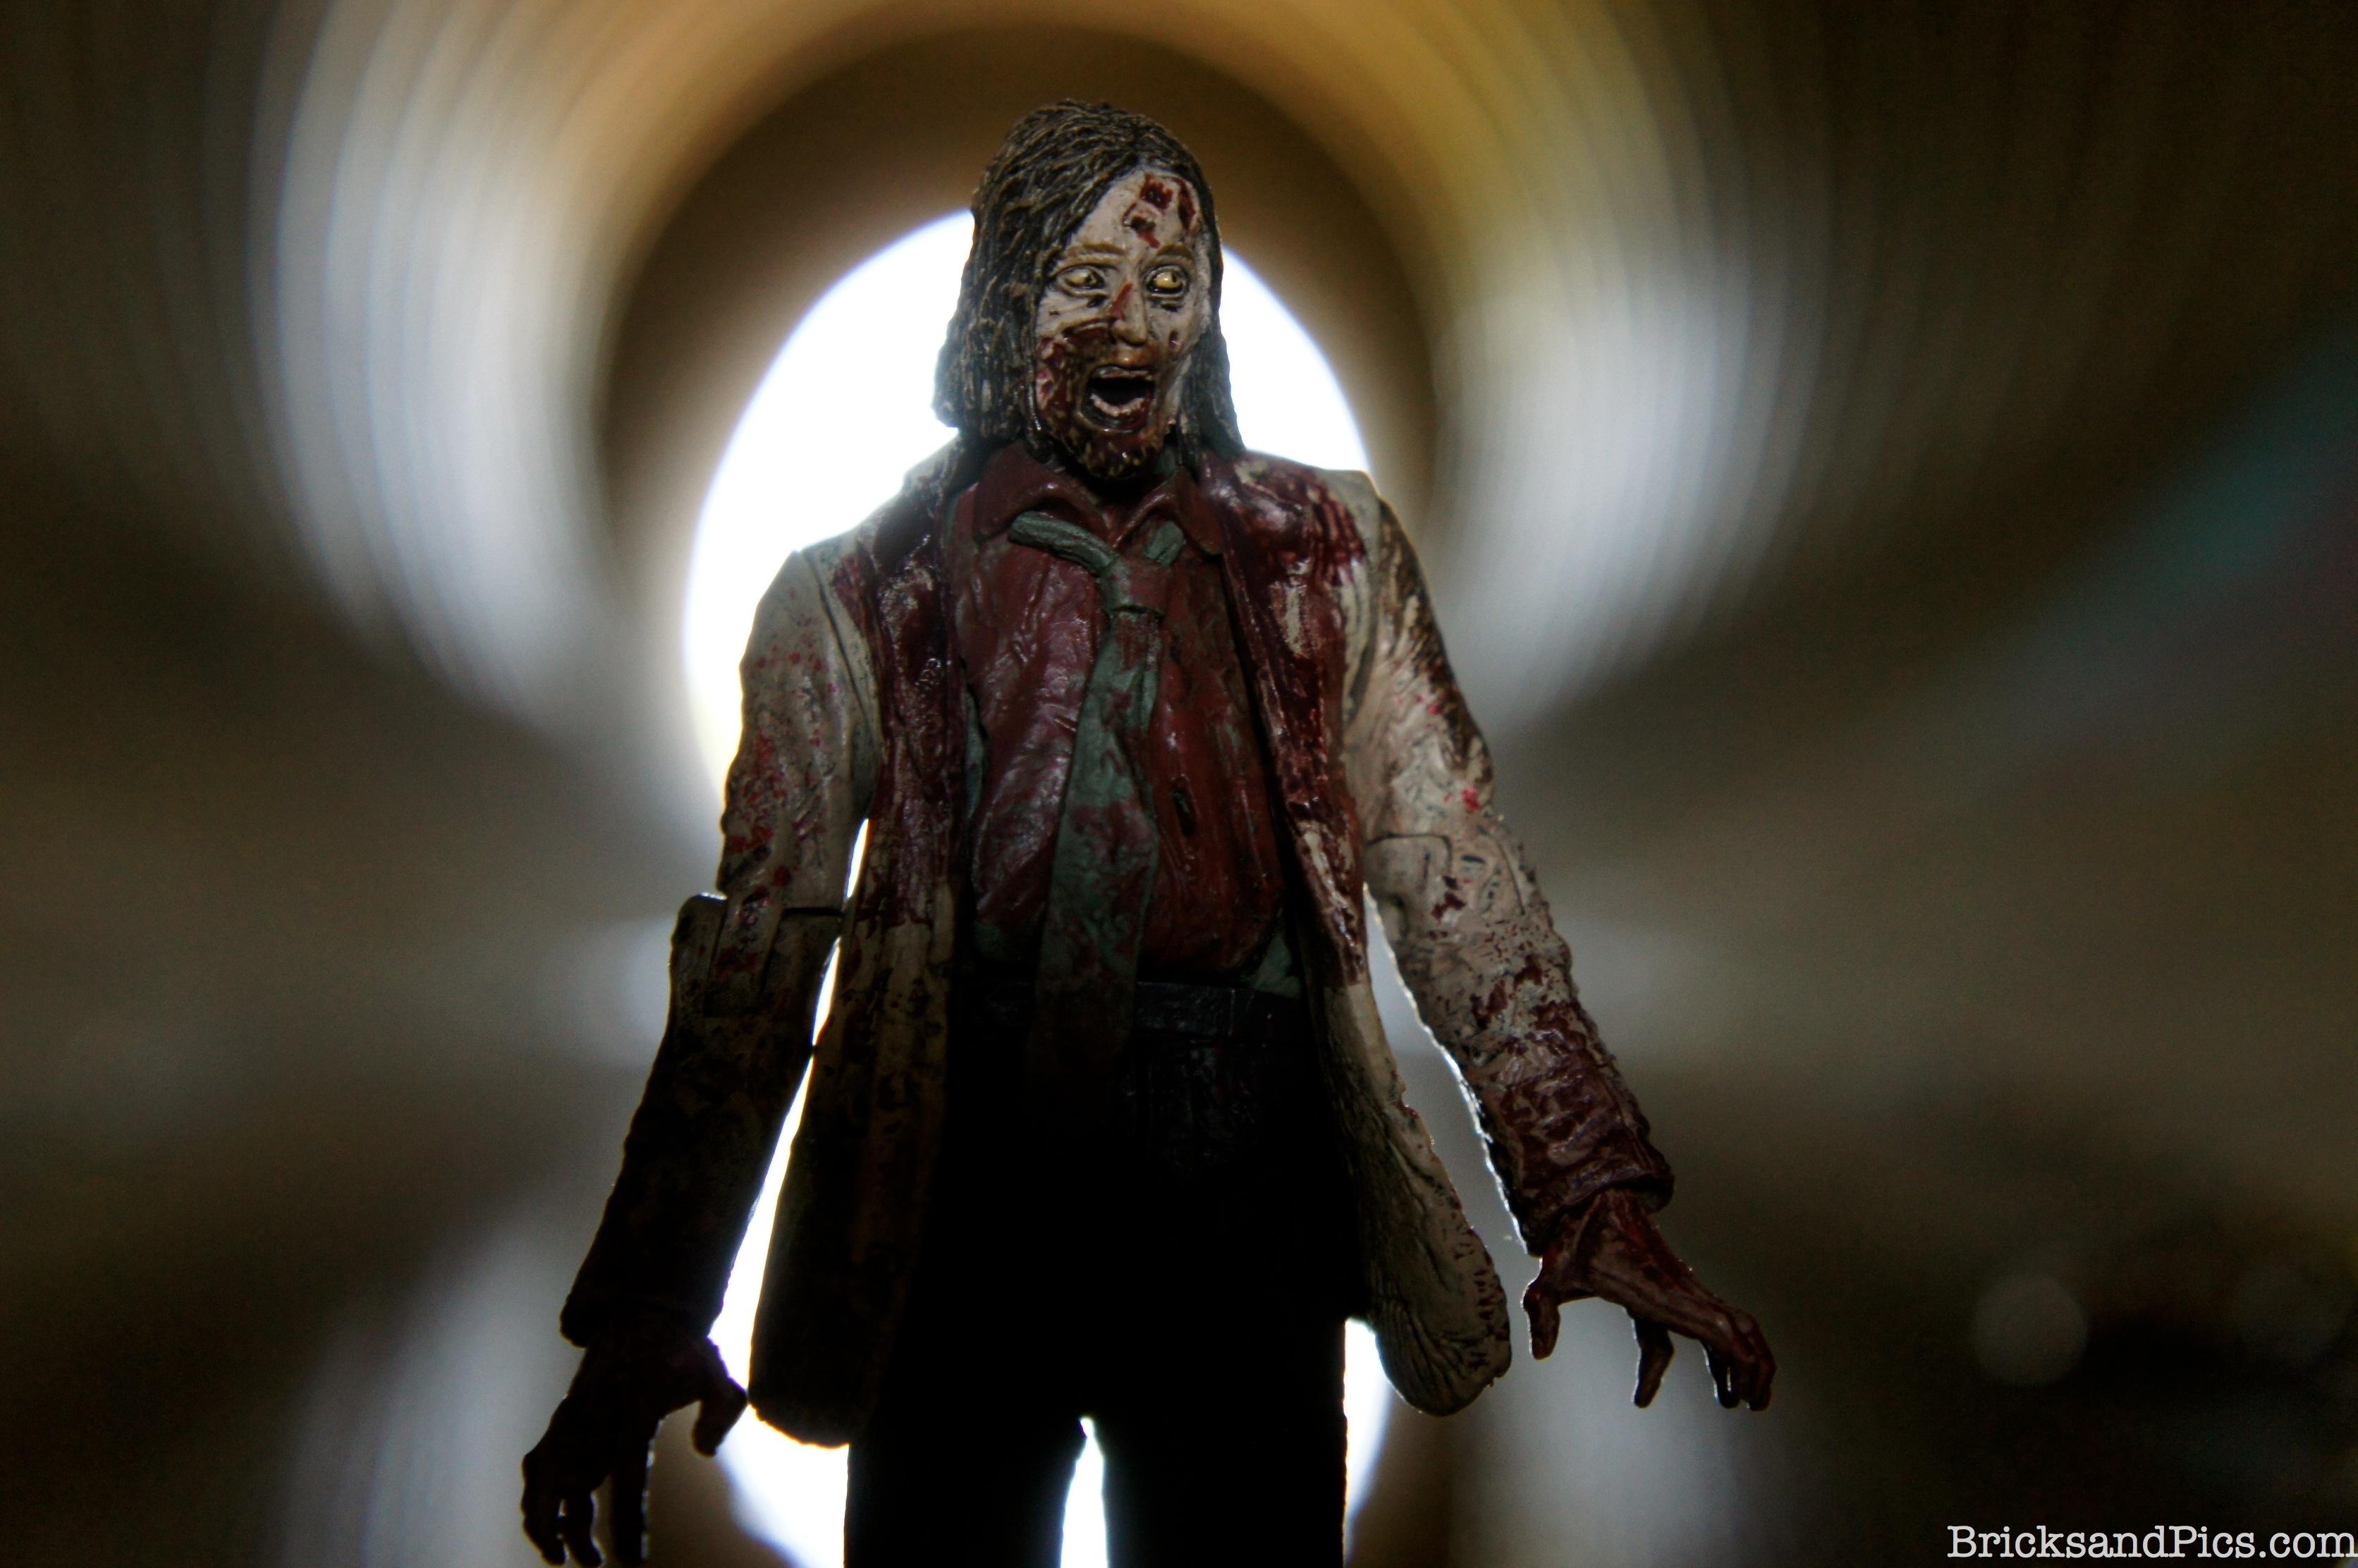 My Zombie Friend